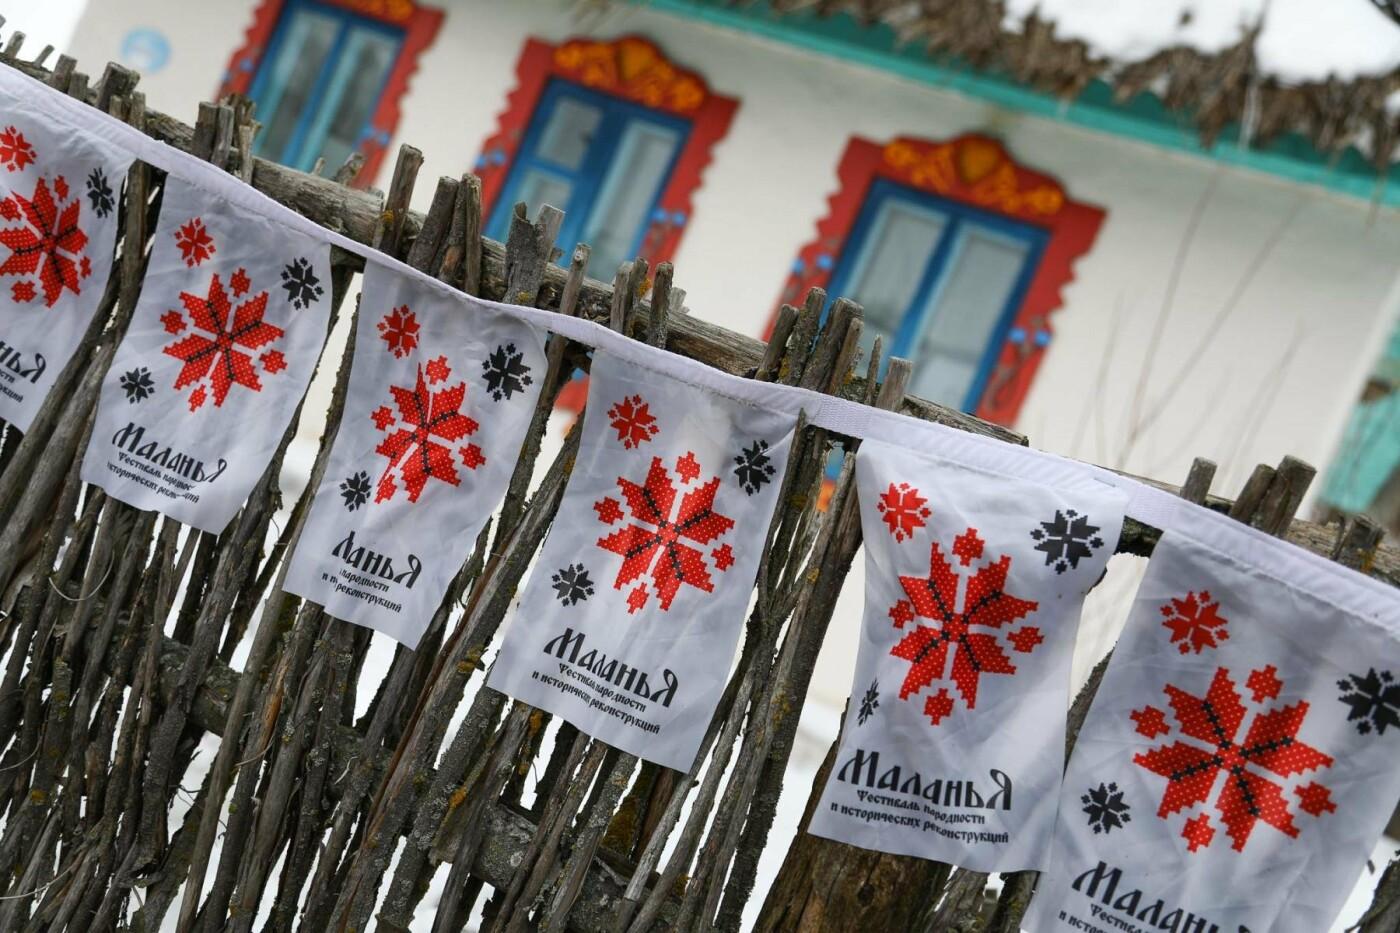 В Белгородской области в третий раз провели фестиваль «Маланья зимняя» — фоторепортаж, фото-19